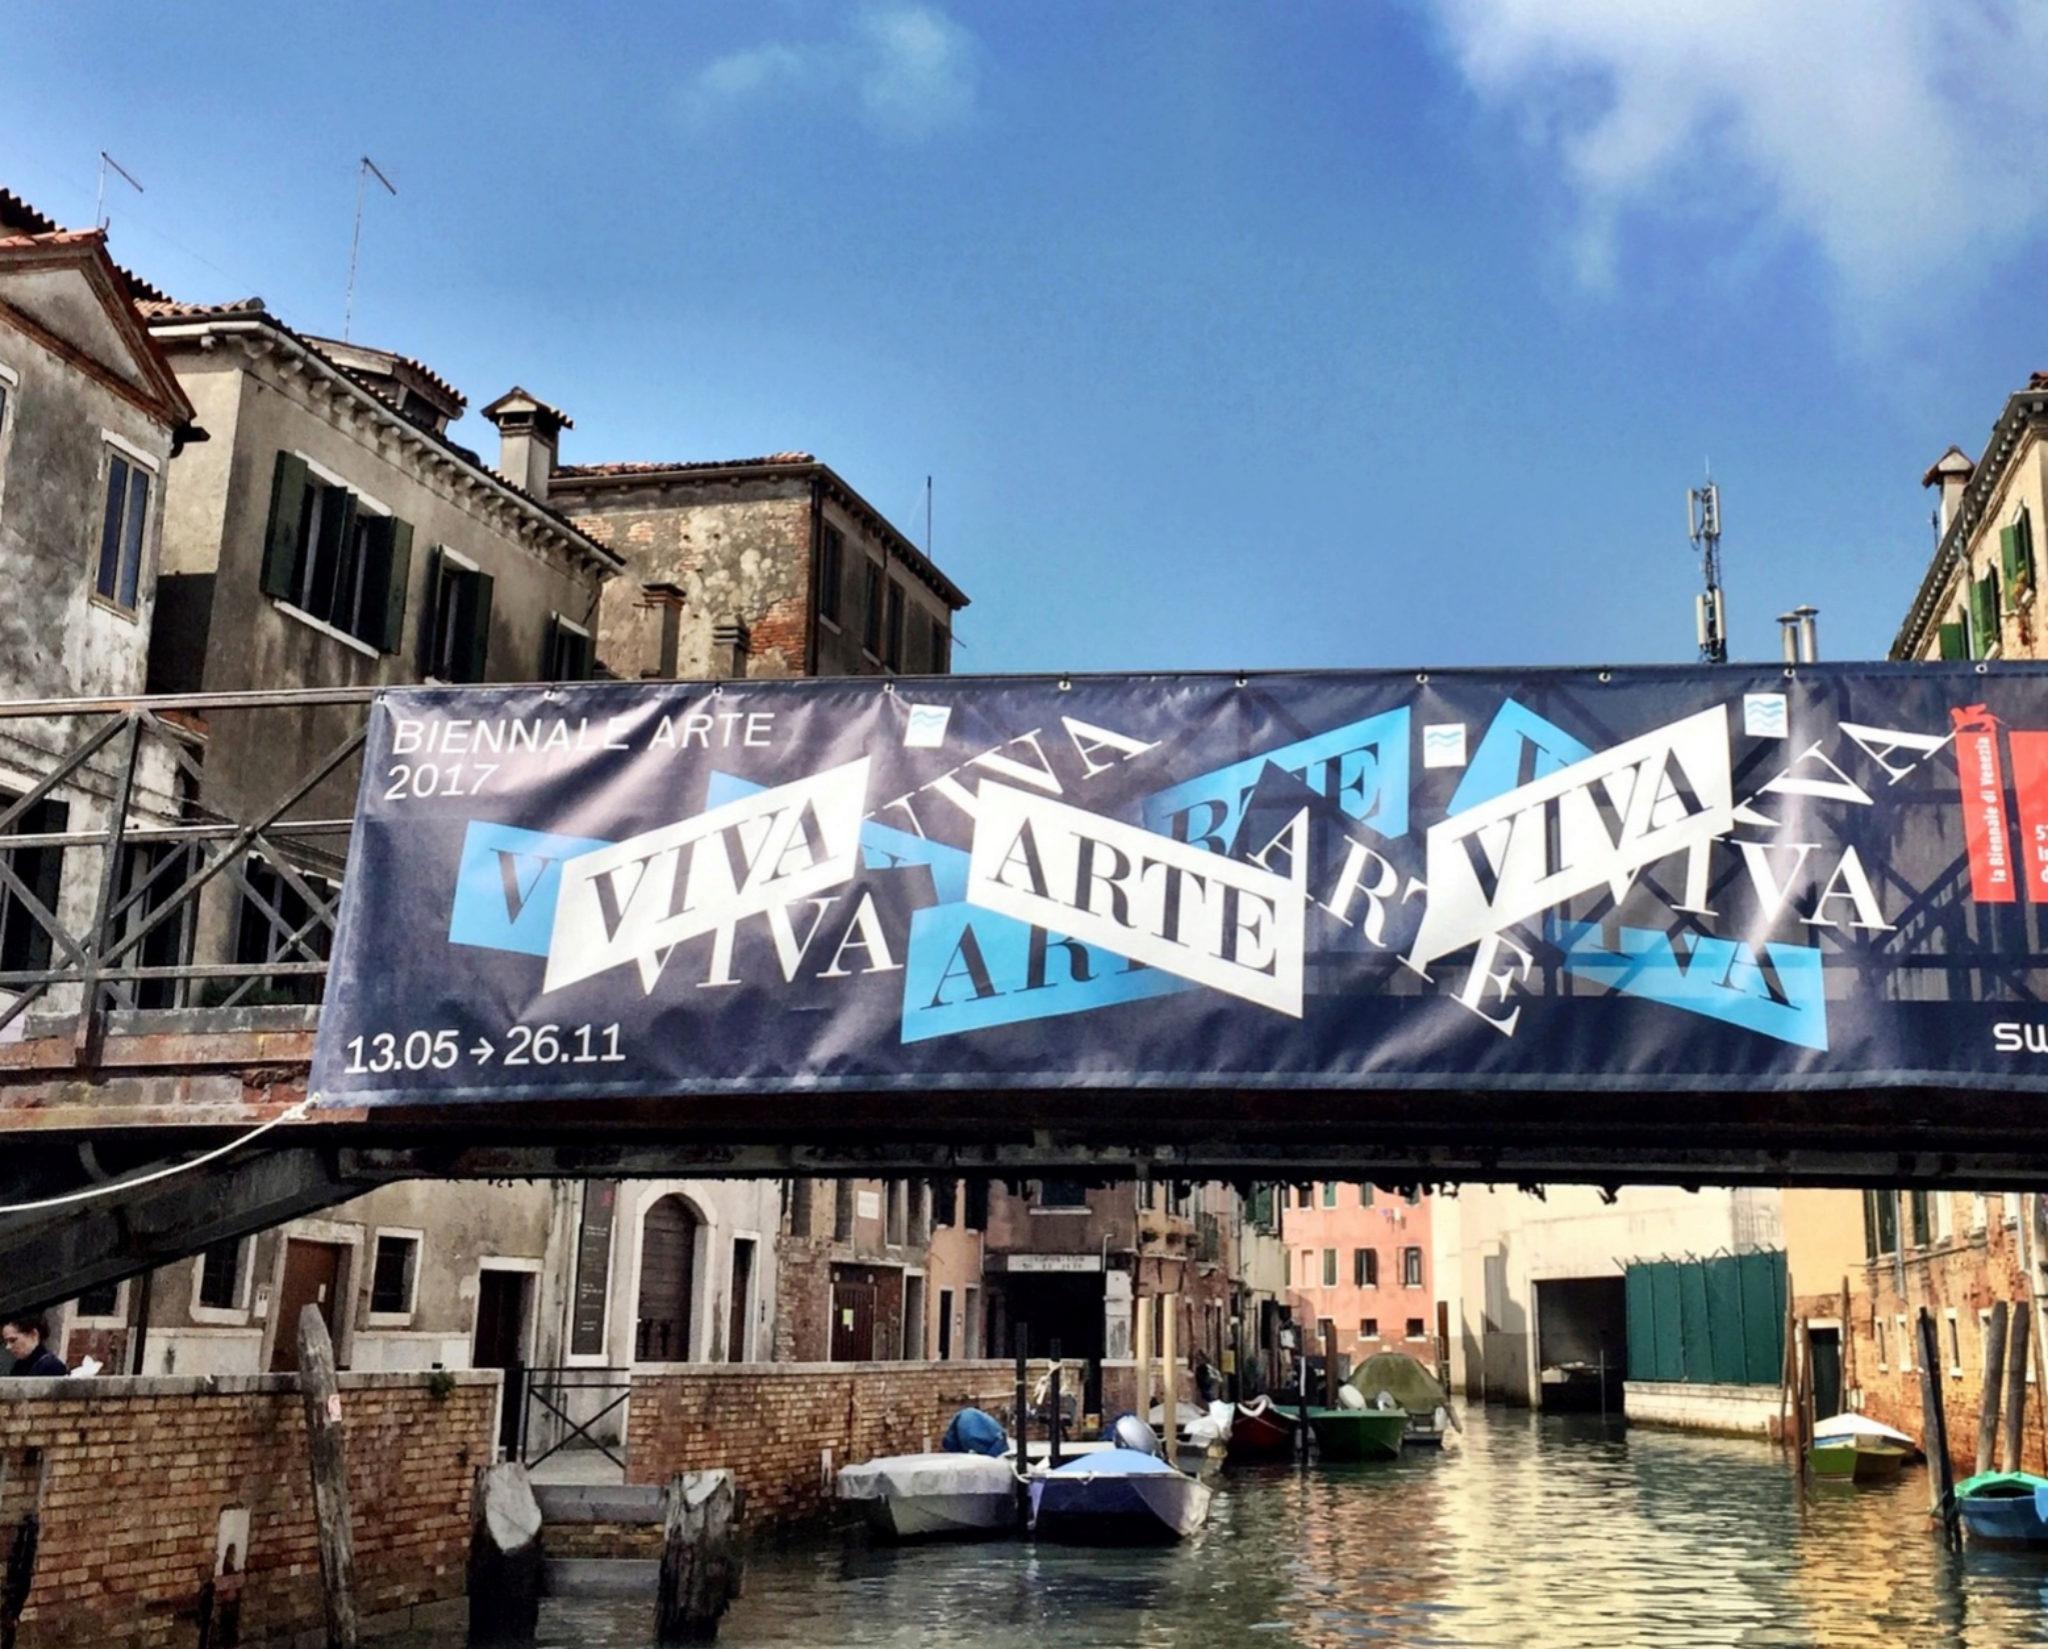 Vista de los canales de Venecia con el cartel de la Biennale 2017